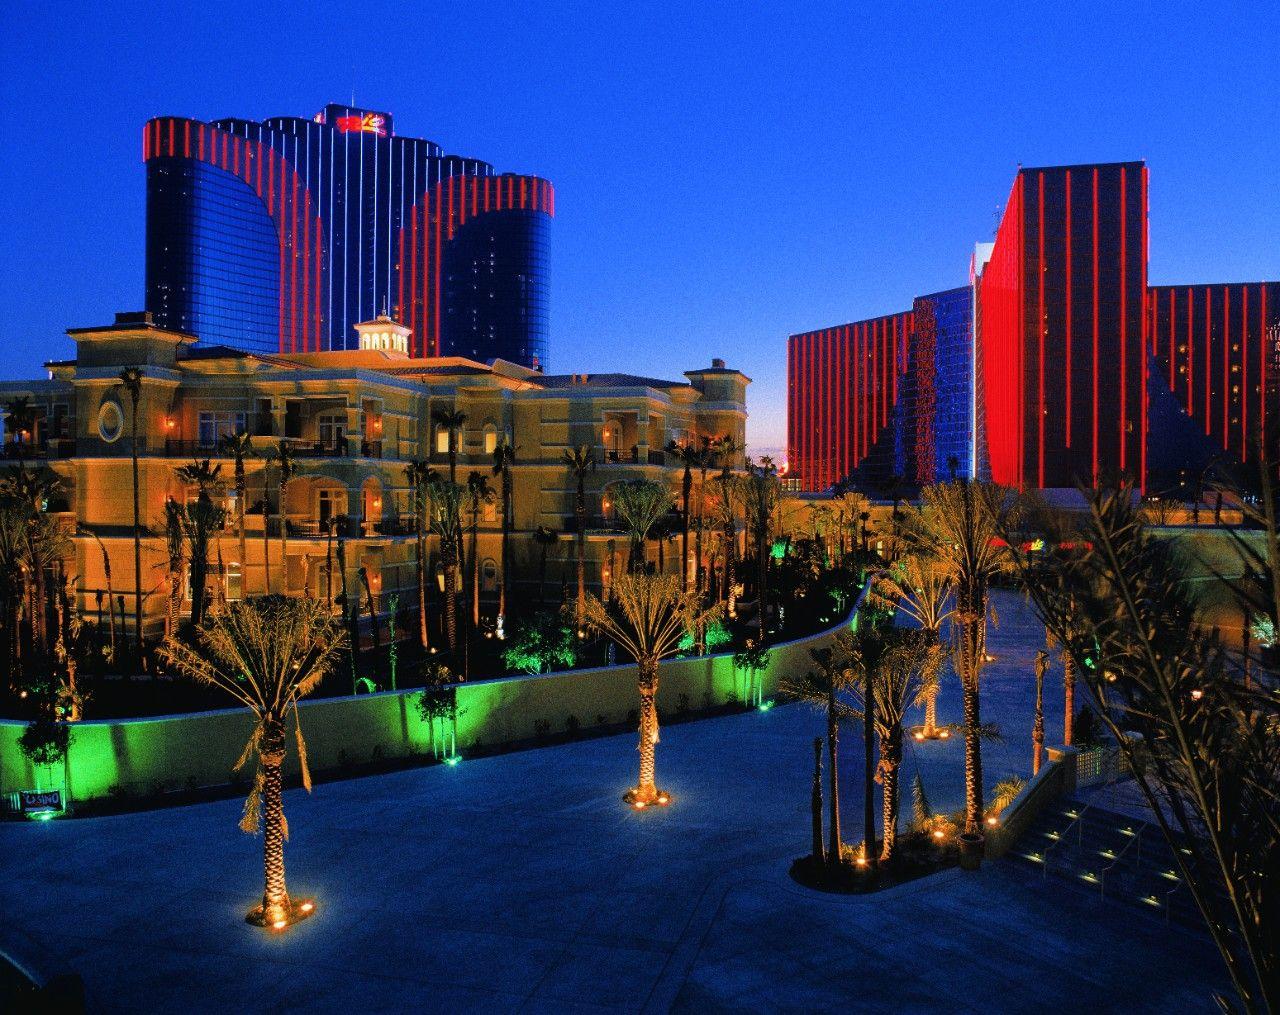 Rio All Suite Hotel Casino Las Vegas Hotels Las Vegas